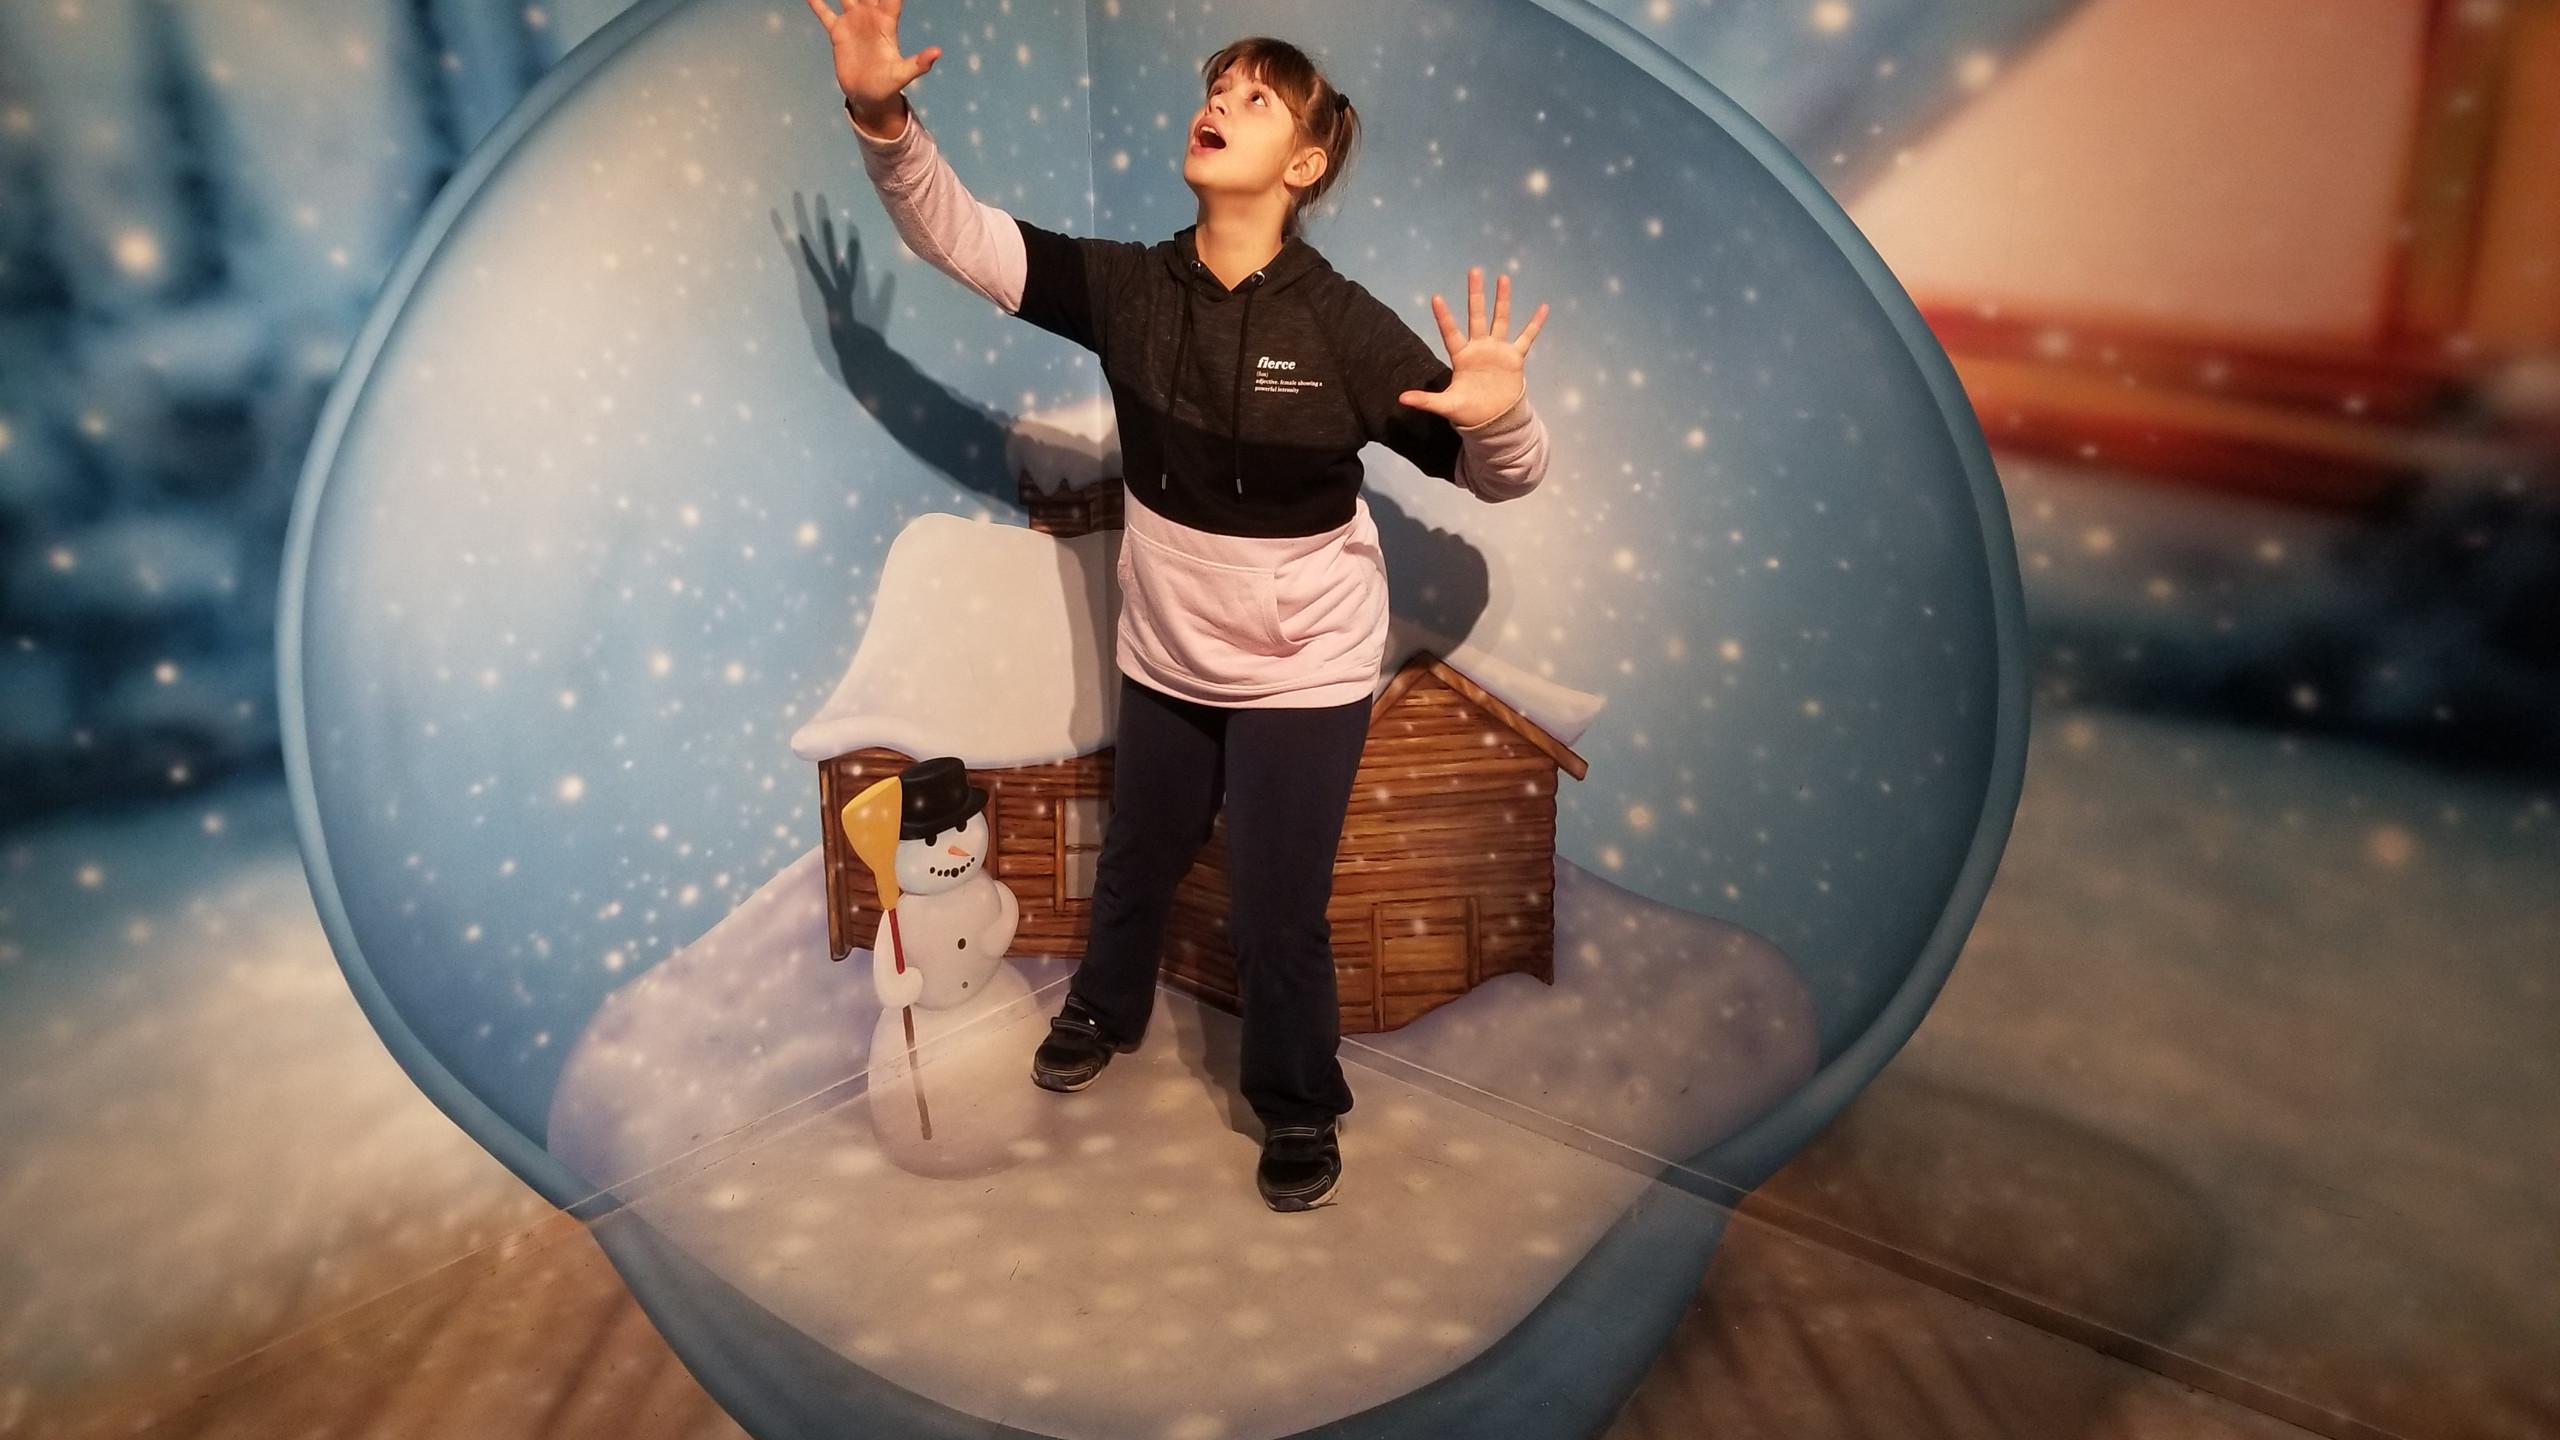 3D галерея Роторуа, что посетить в Новой Зеландии, что посмотреть в Новой Зеландии, экскурсии в Новой Зеландии